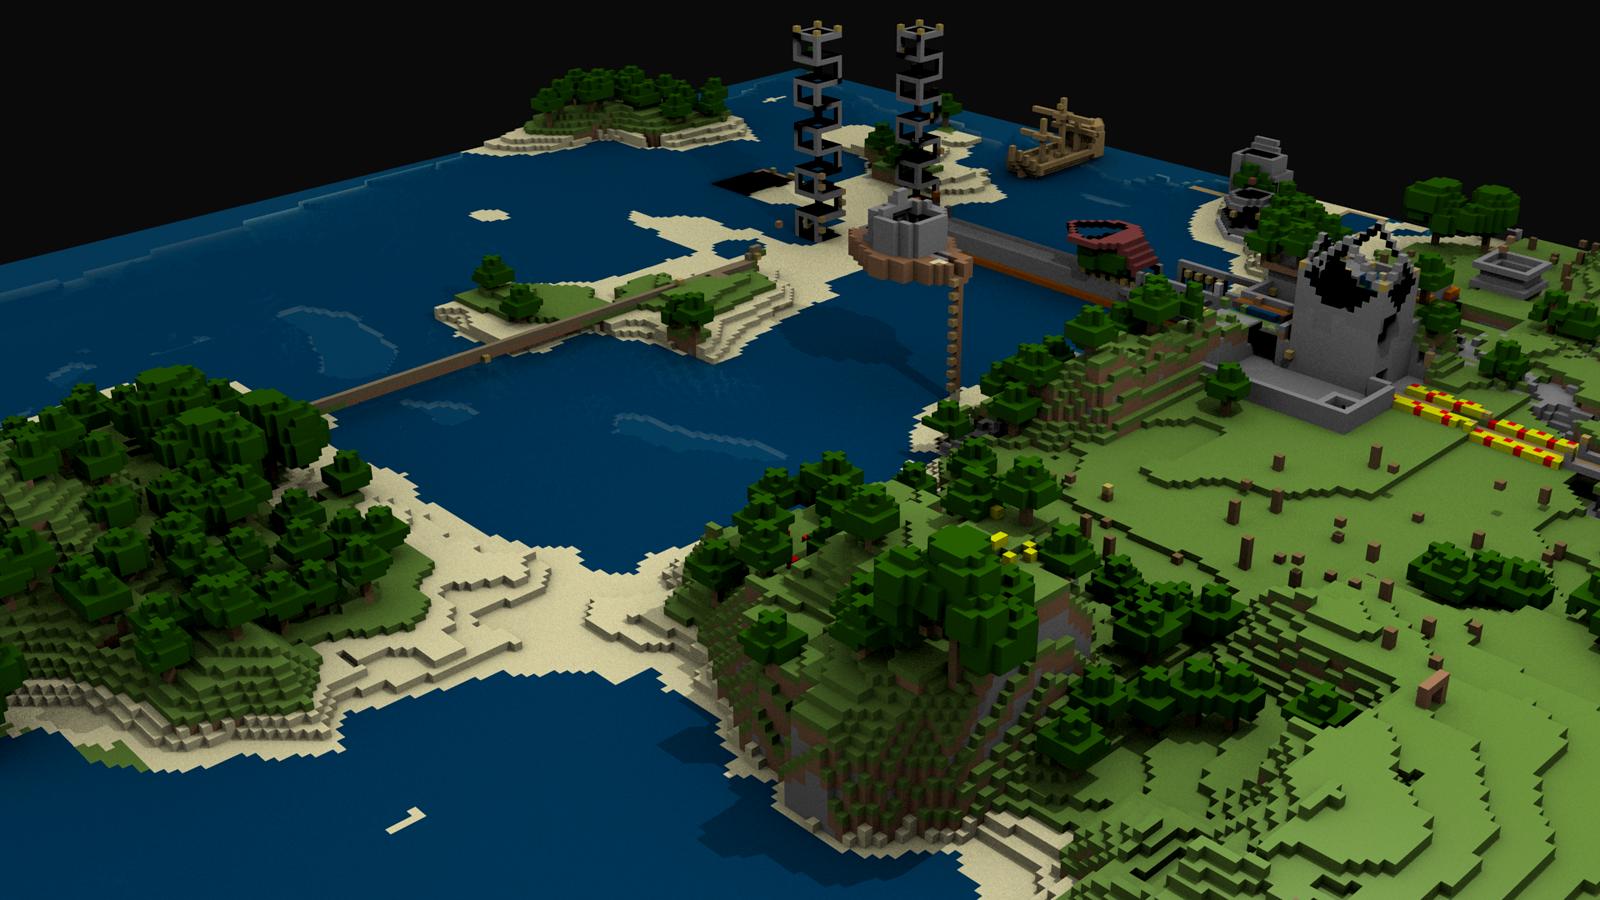 http://1.bp.blogspot.com/-LPZ0eXtCTaI/UAKdZYi0LTI/AAAAAAAACwM/k_QEViMyWVw/s4000/Minecraft_Game_Landscape_HD_Wallpaper-Vvallpaper.Net.png